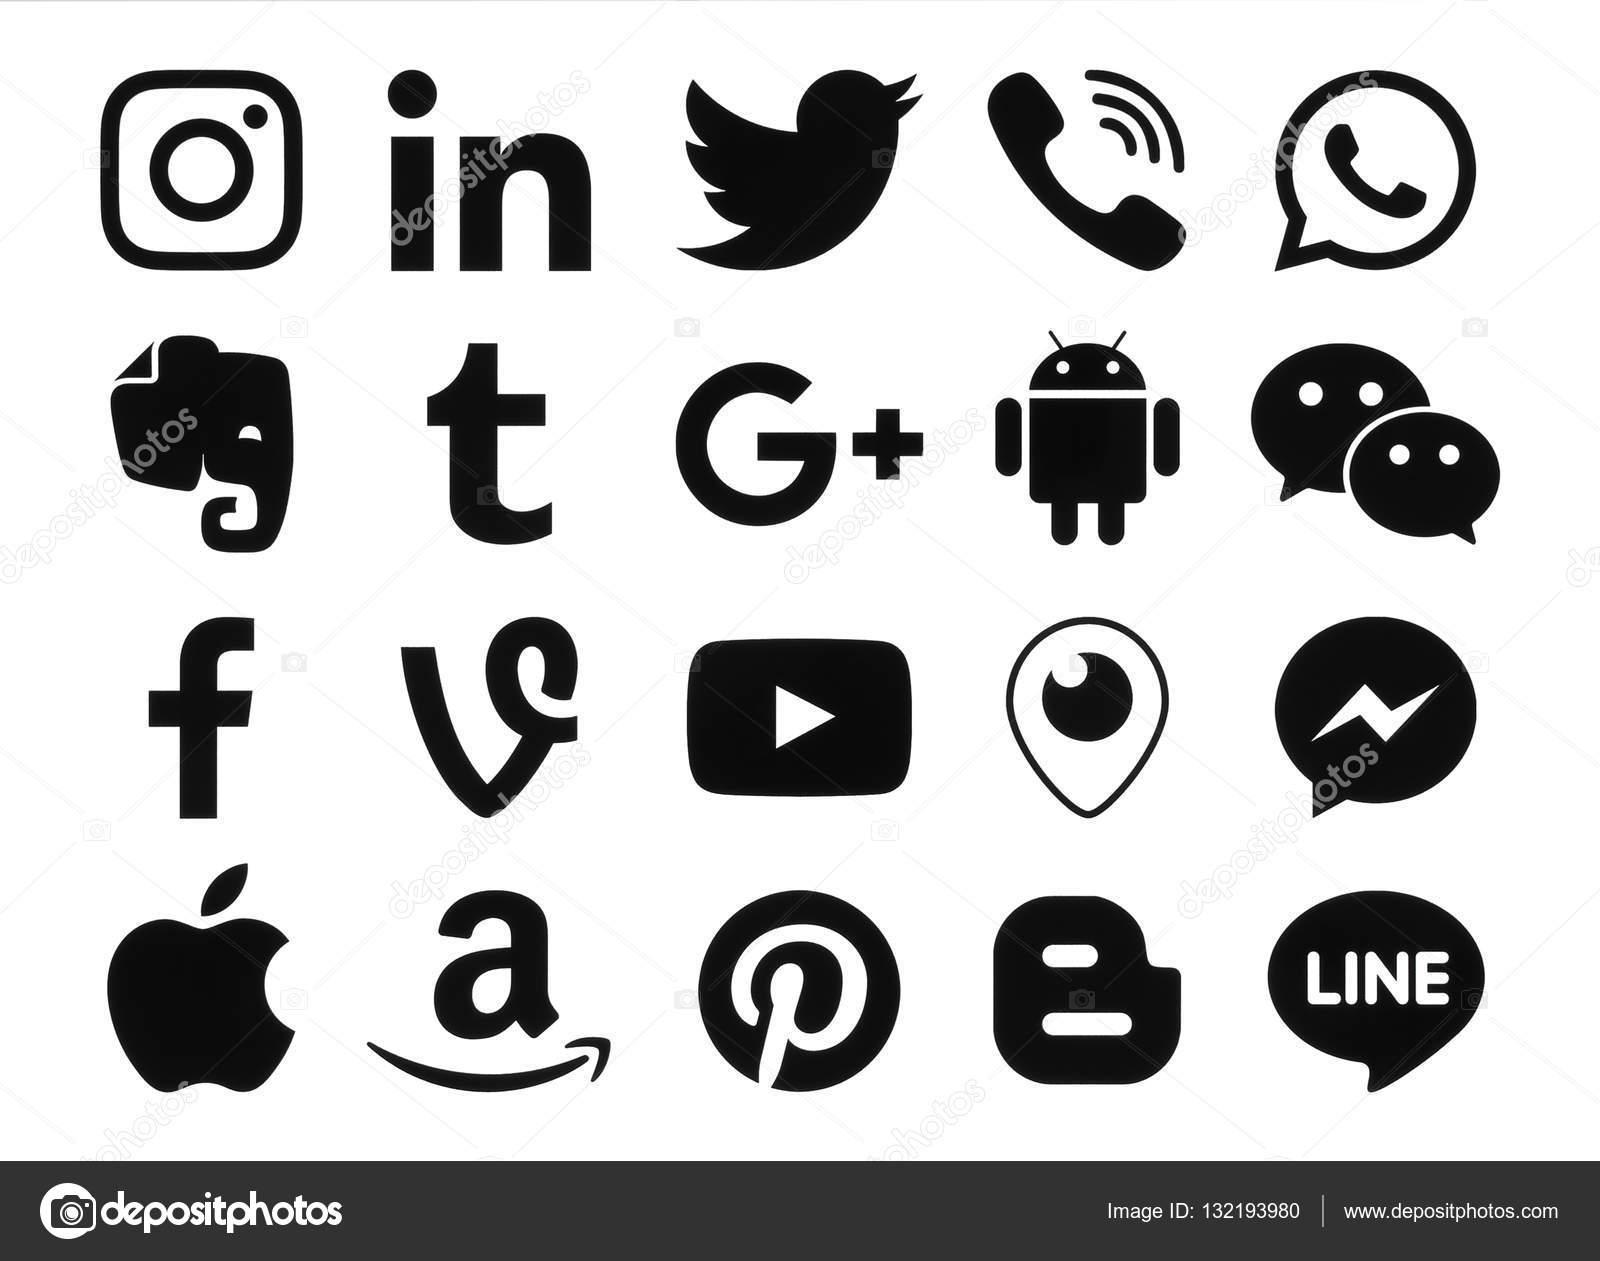 Coleccin de iconos de redes sociales negra popular foto coleccin de iconos de redes sociales negra popular foto de stock biocorpaavc